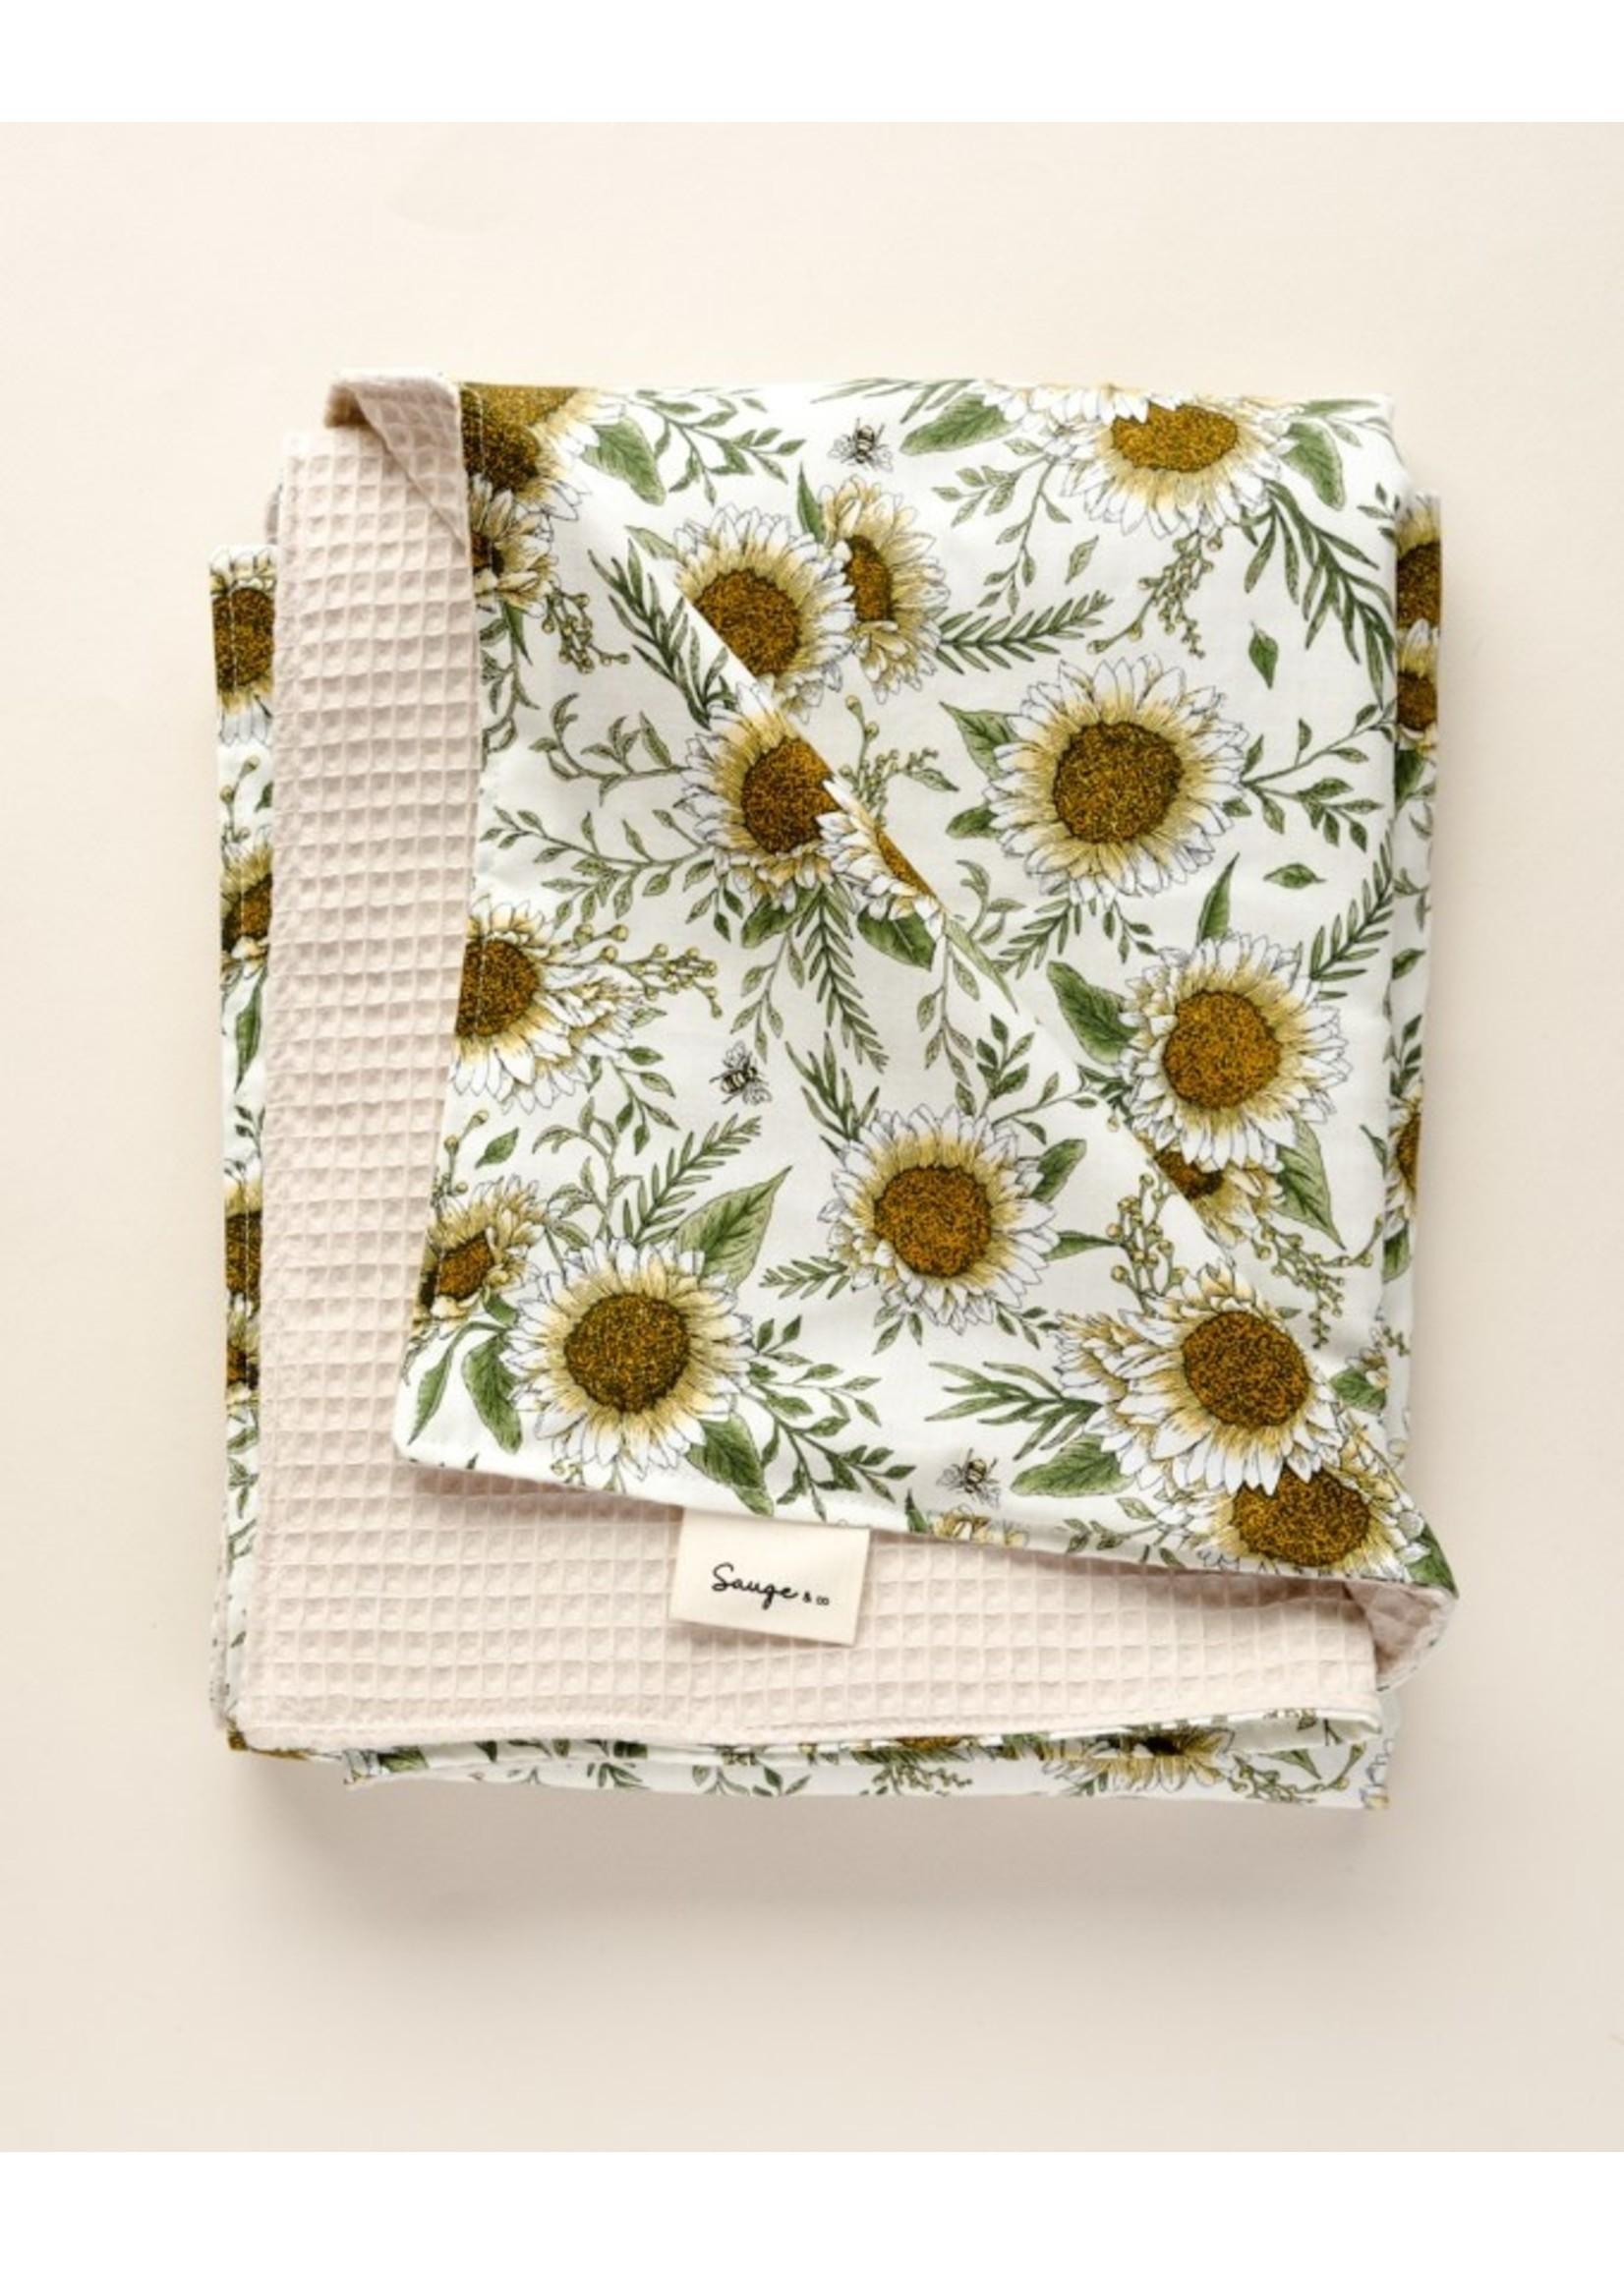 Sauge & co Couverture gaufrée Natural sunflowers